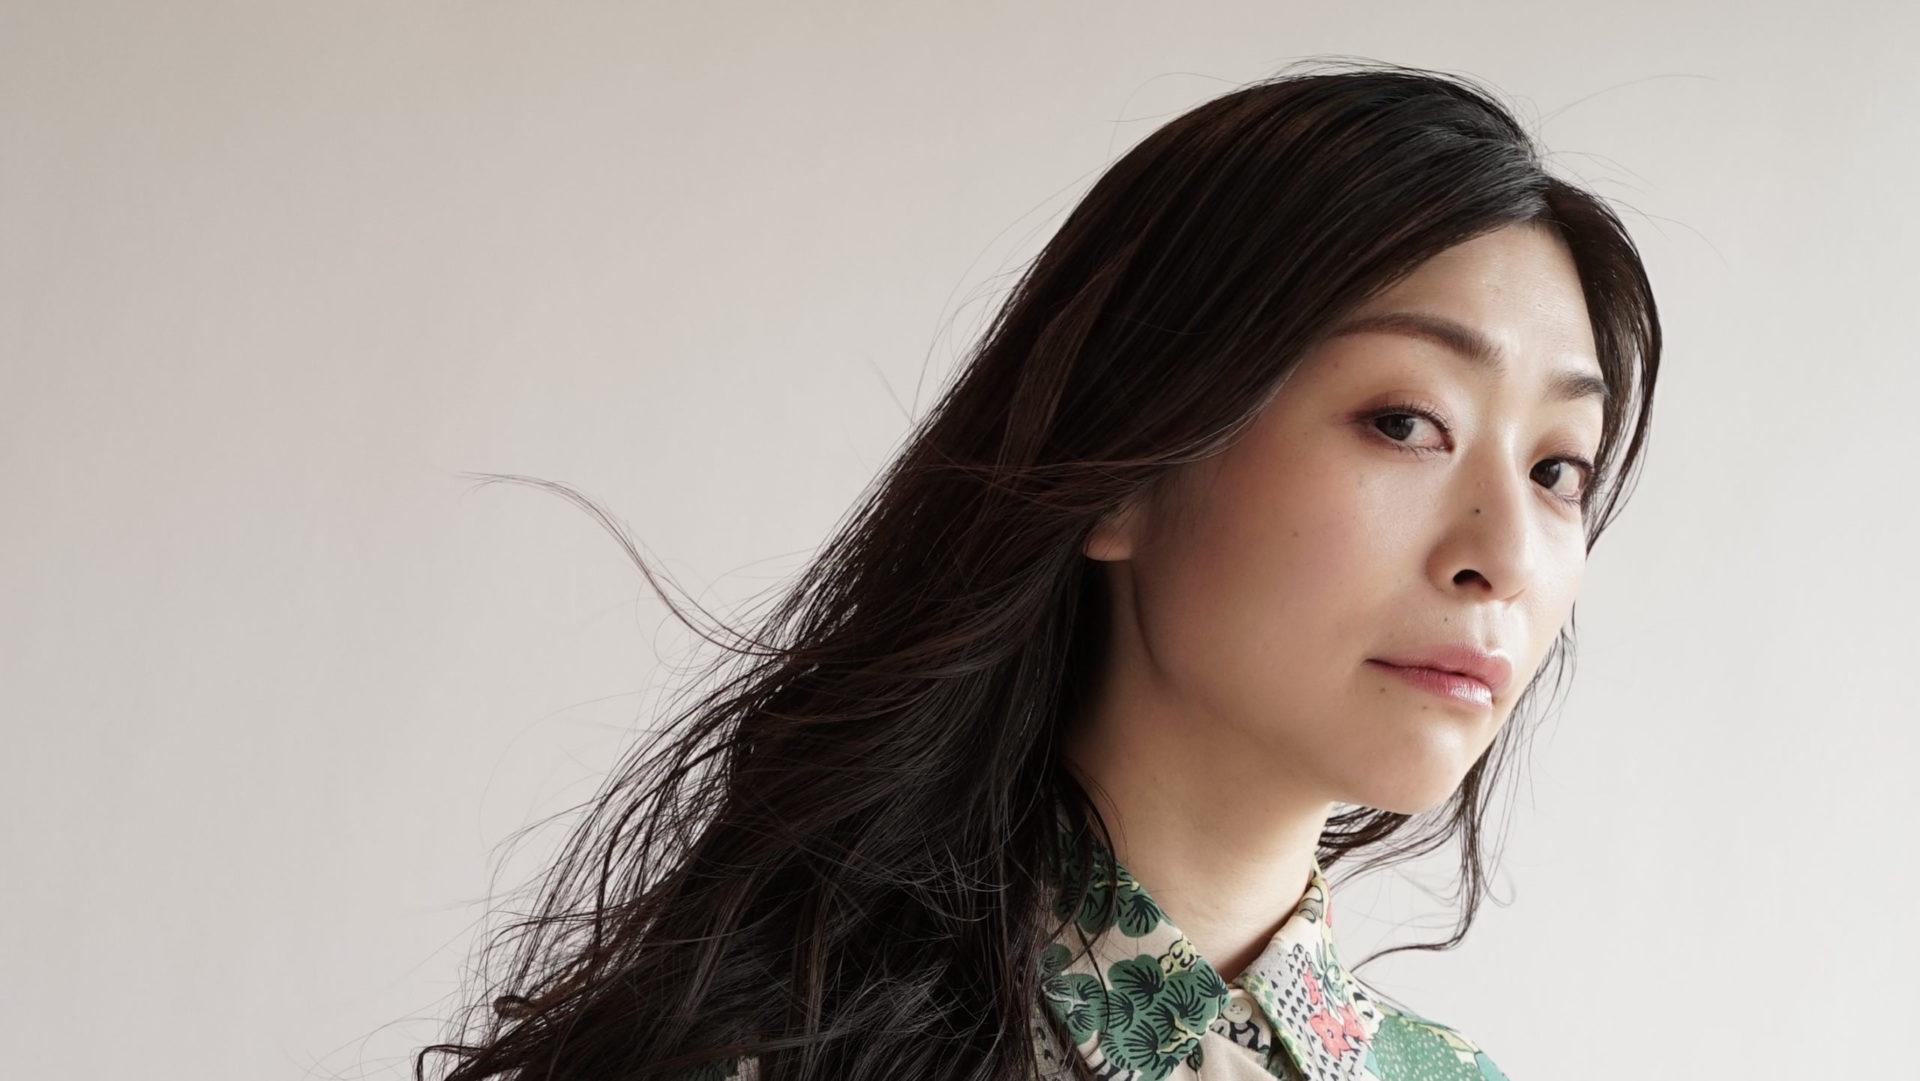 内田慈 Chika Uchida